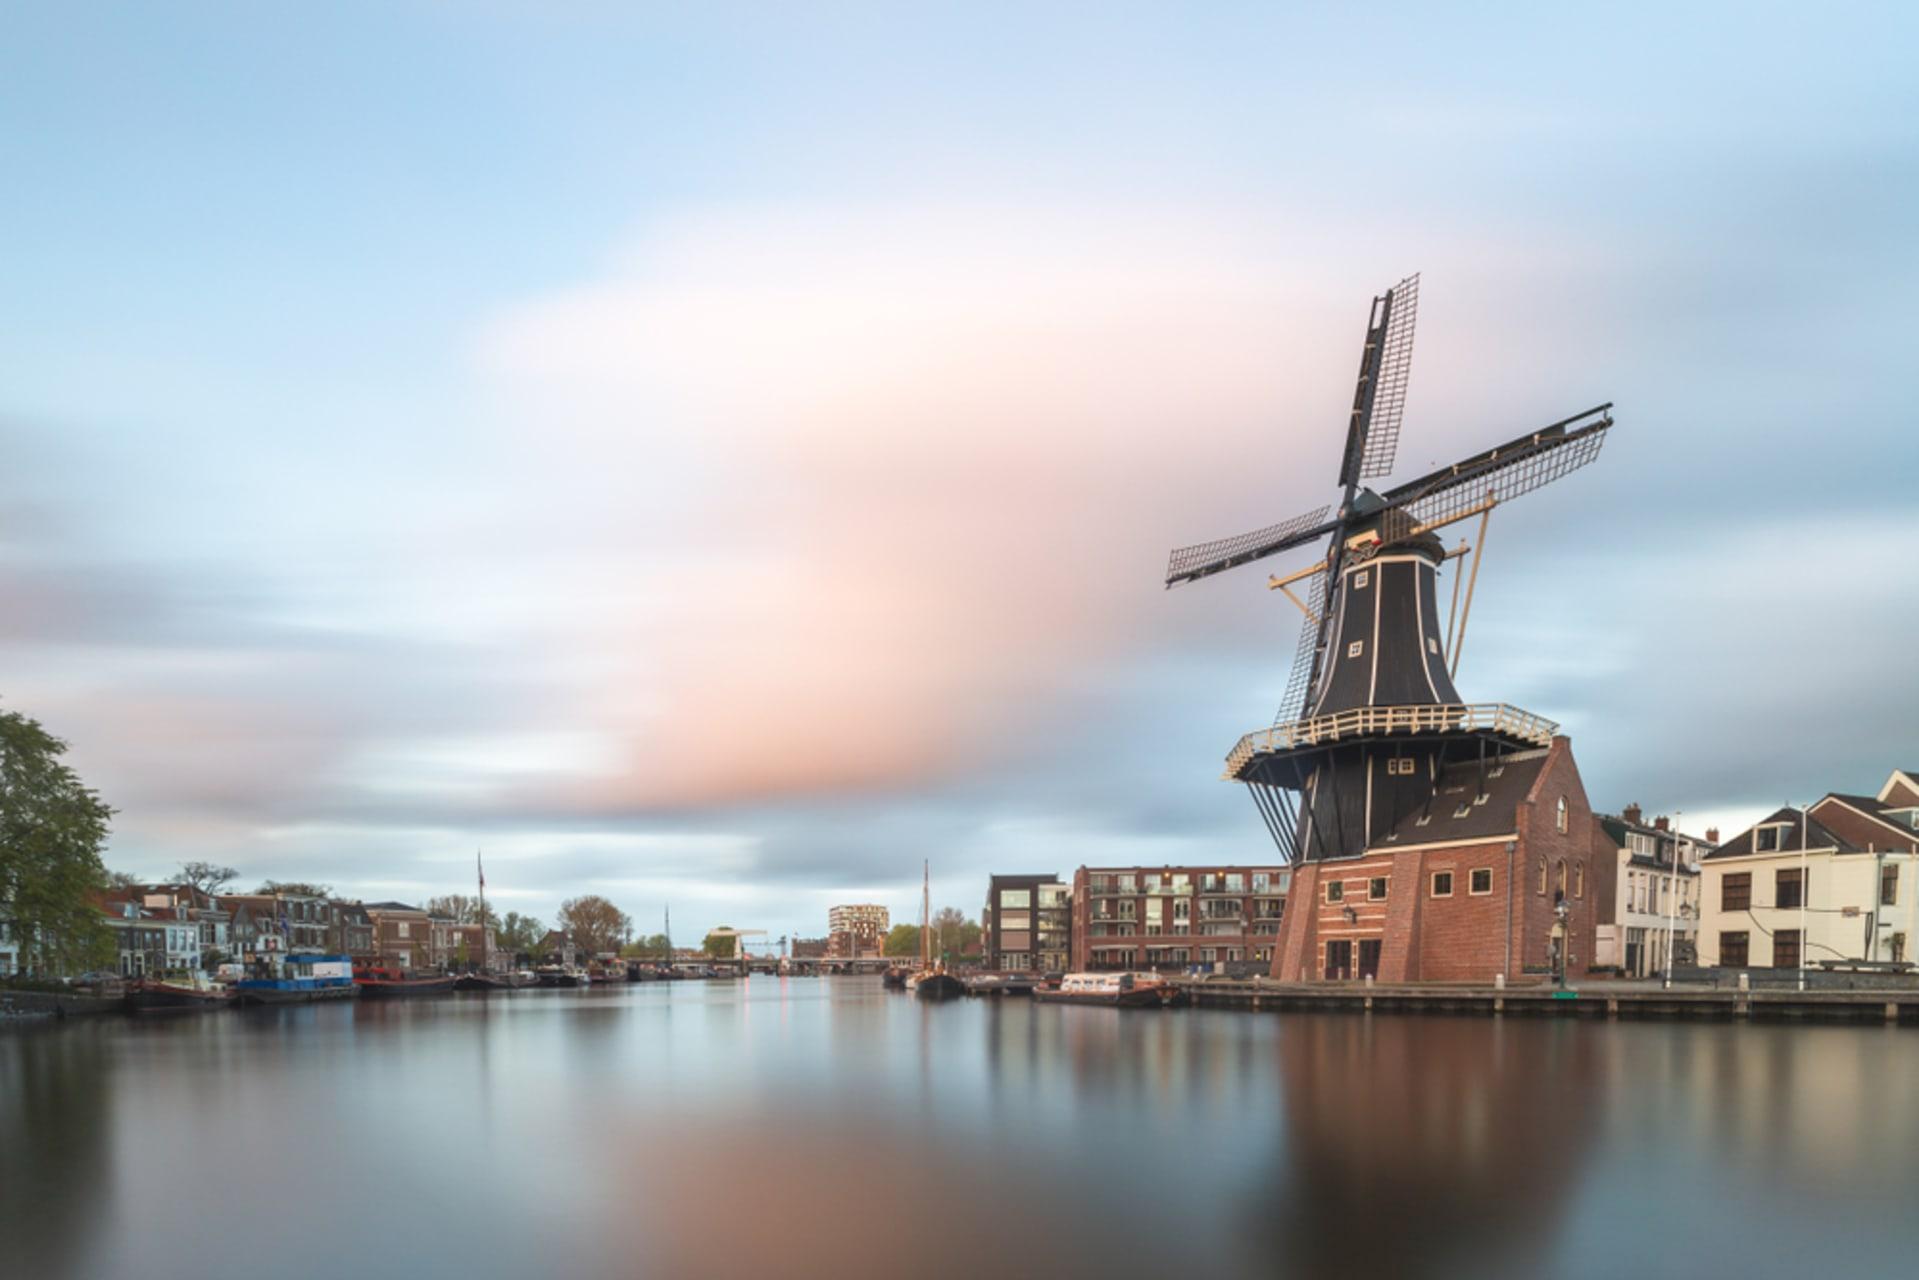 Haarlem - Meandering along the Sparne